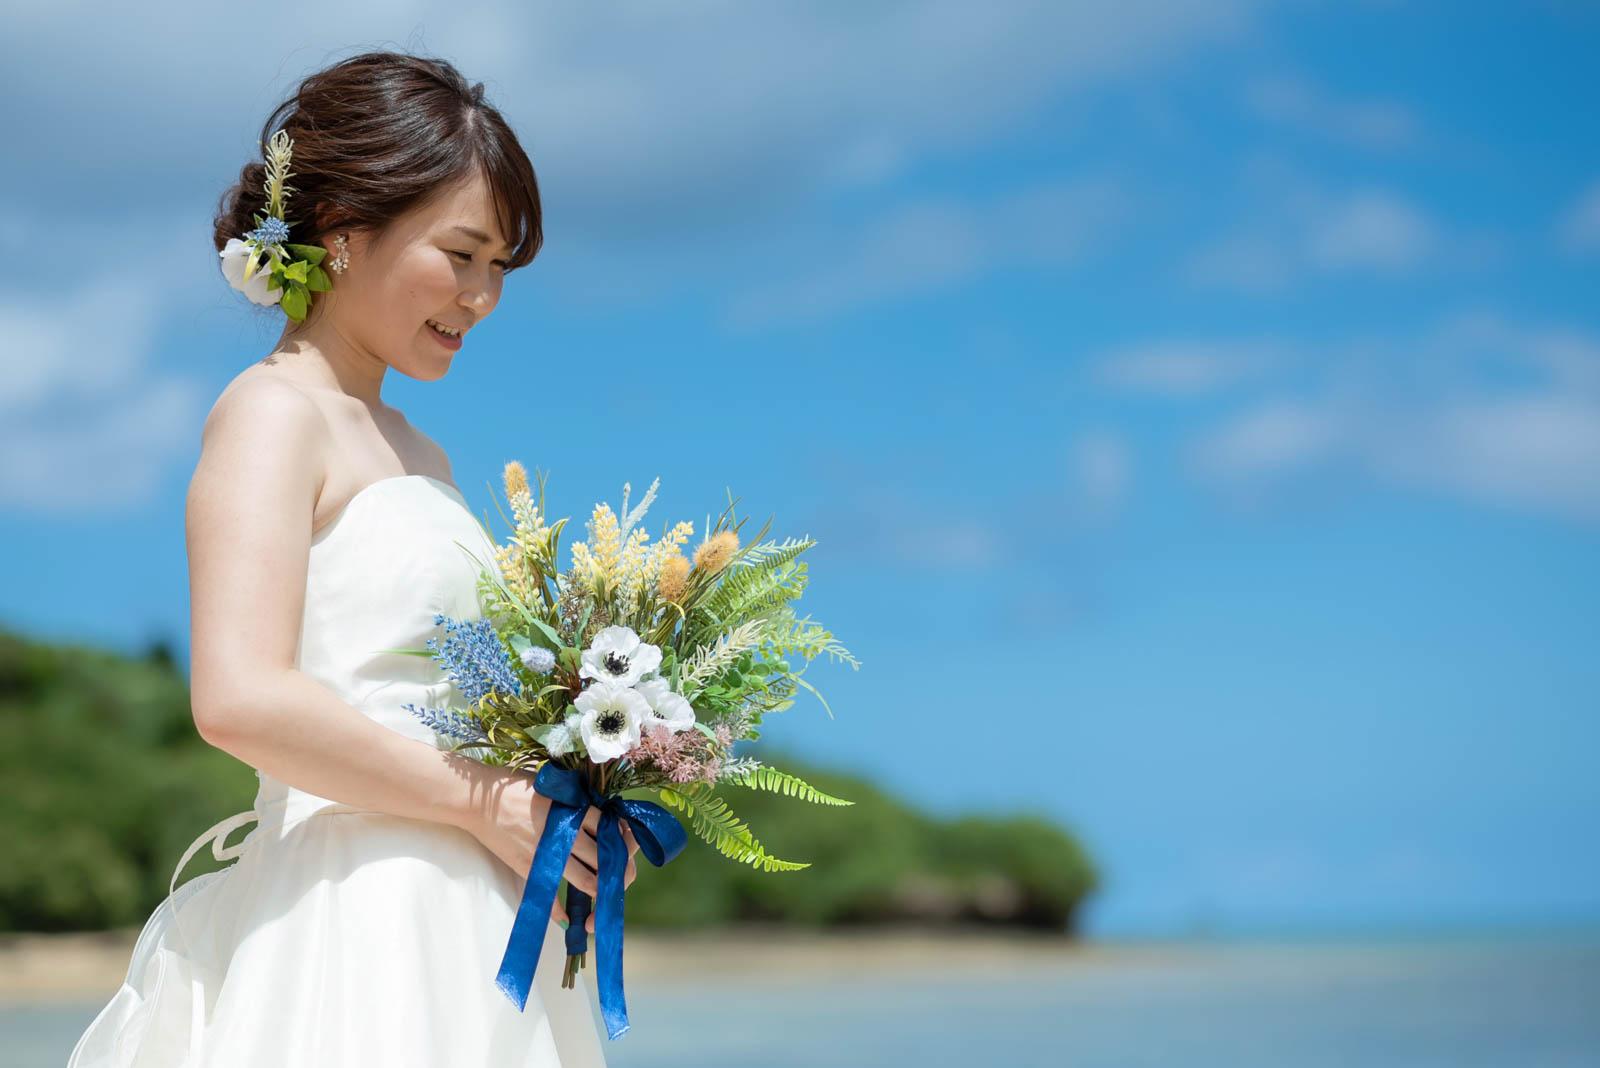 花嫁様のヘアスタイル